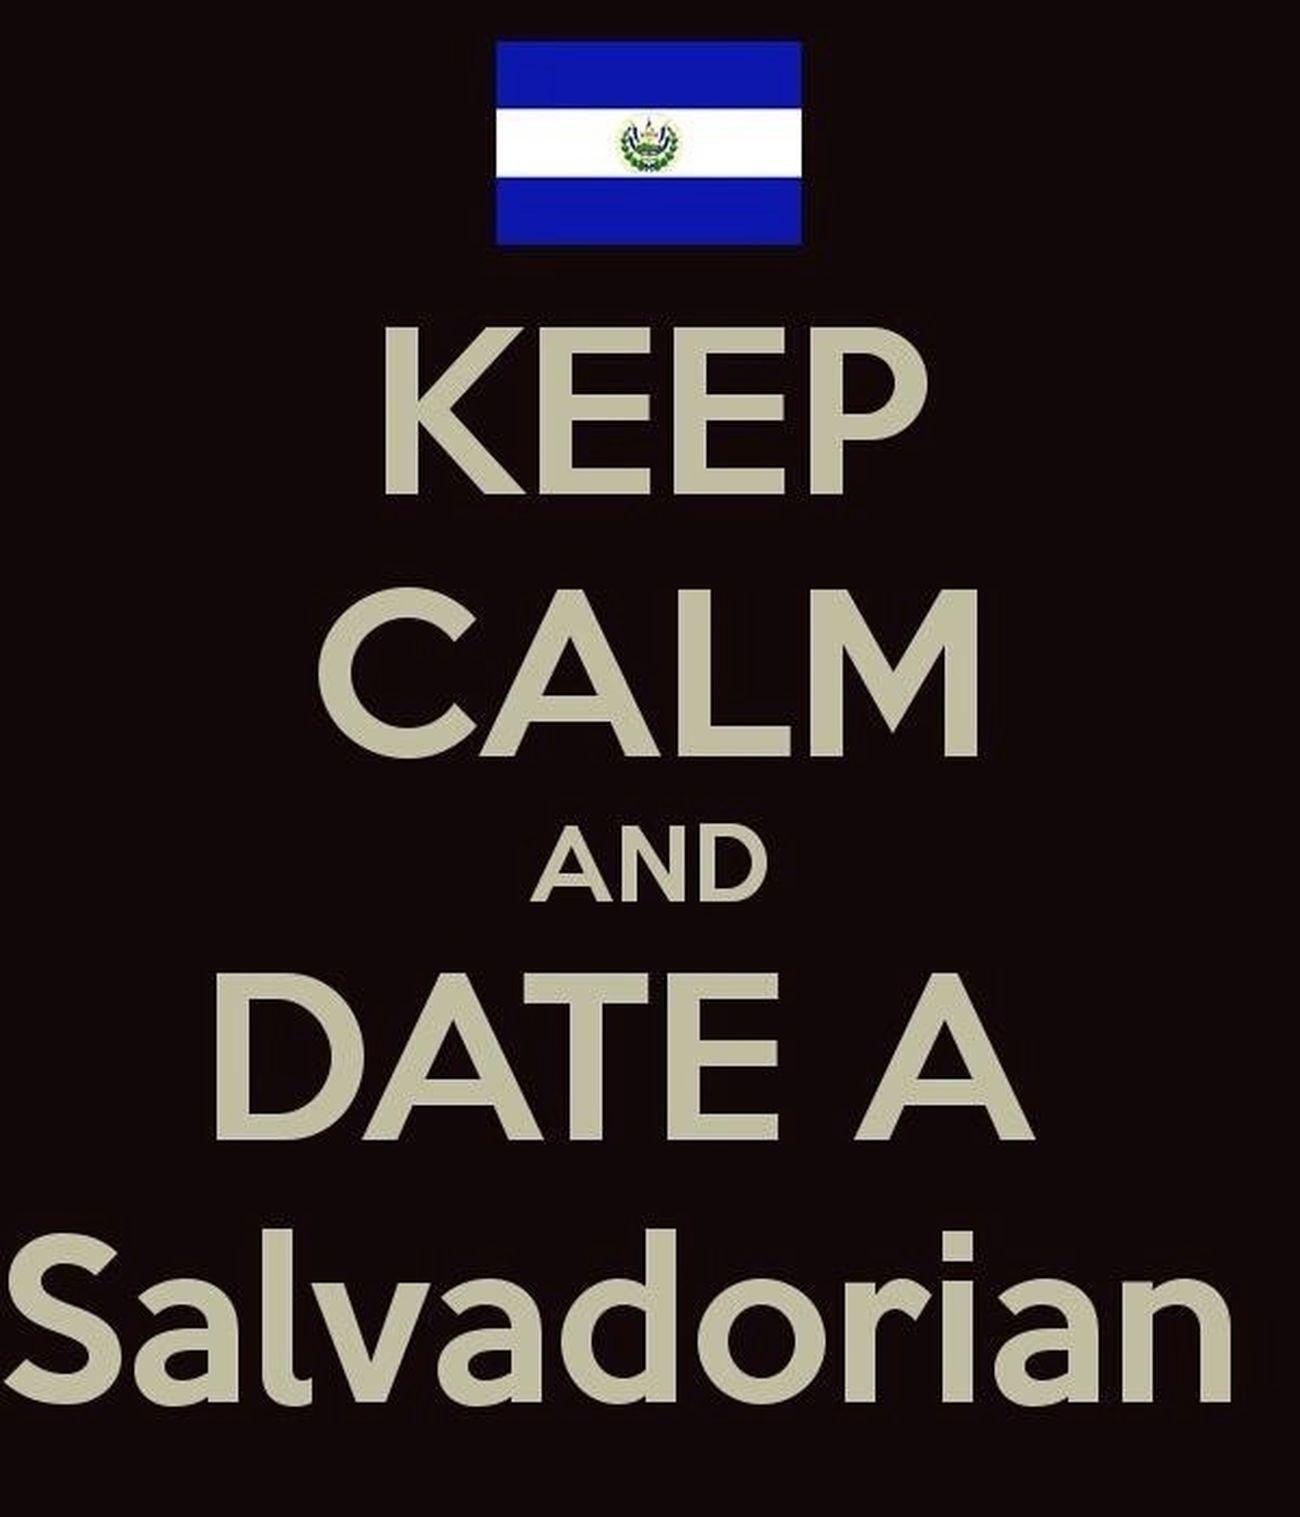 Salvadorian